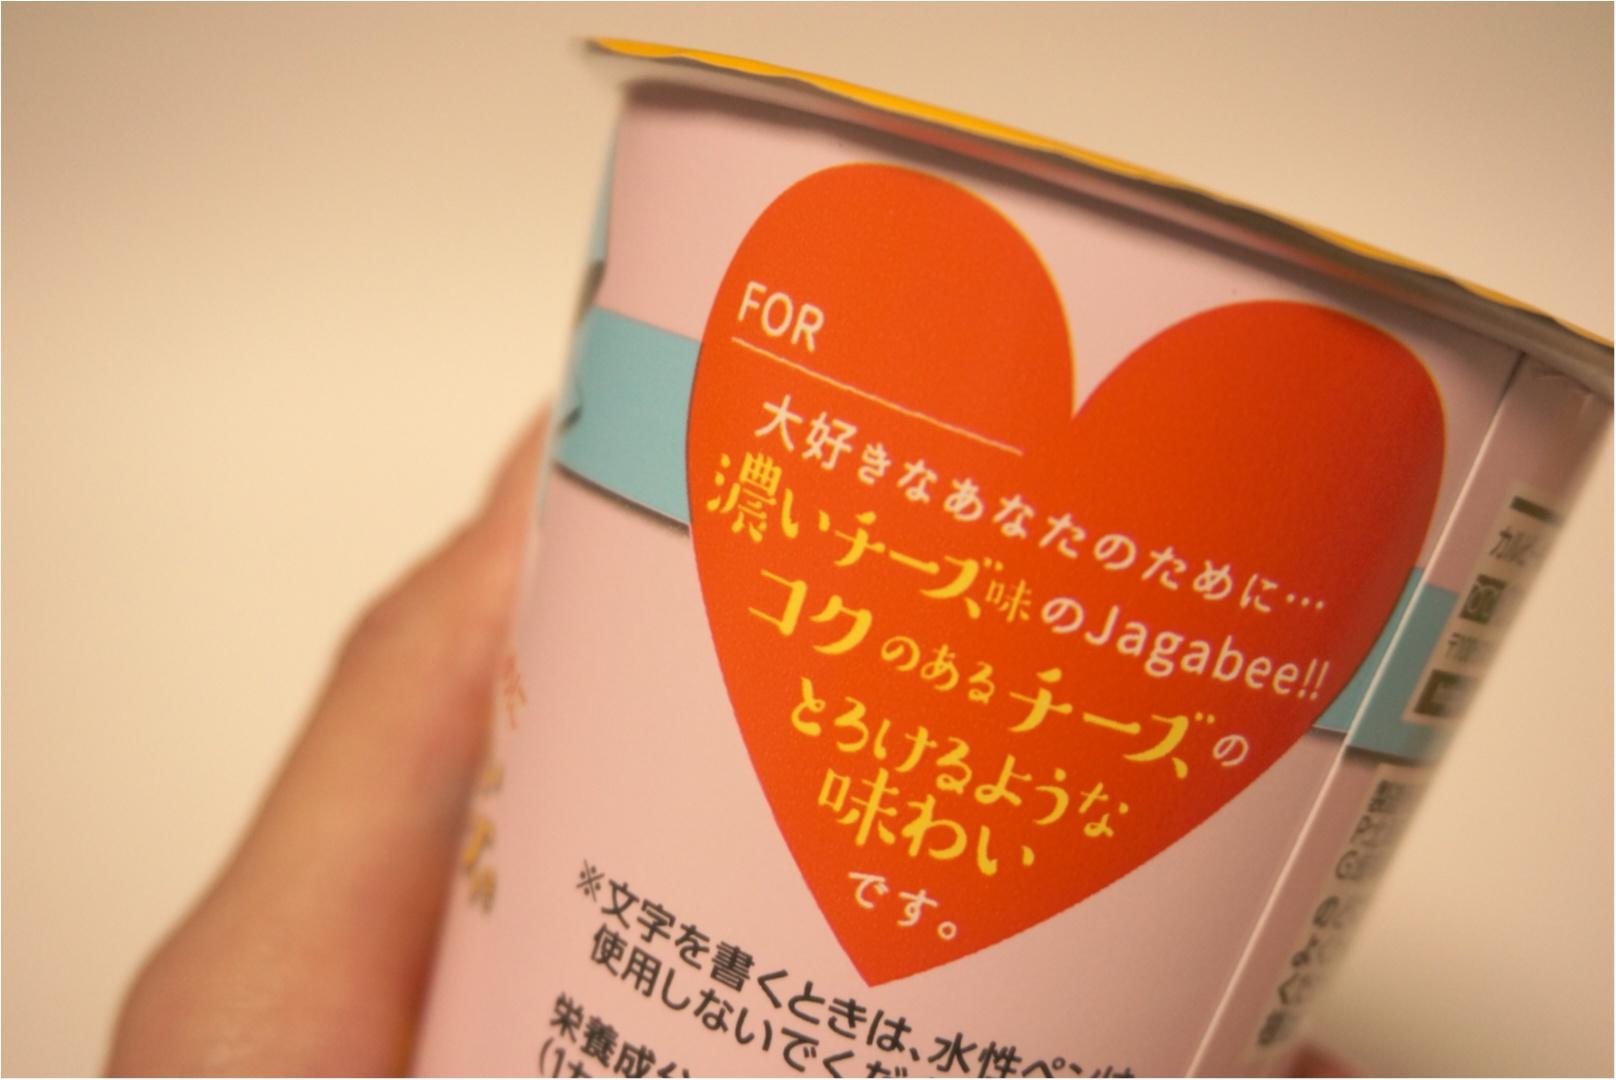 《とろけるような恋がしたい♡》セブン&アイグループ限定‼︎大人気菓子【Jagabee】の新商品は『恋チーズ』味♪_5